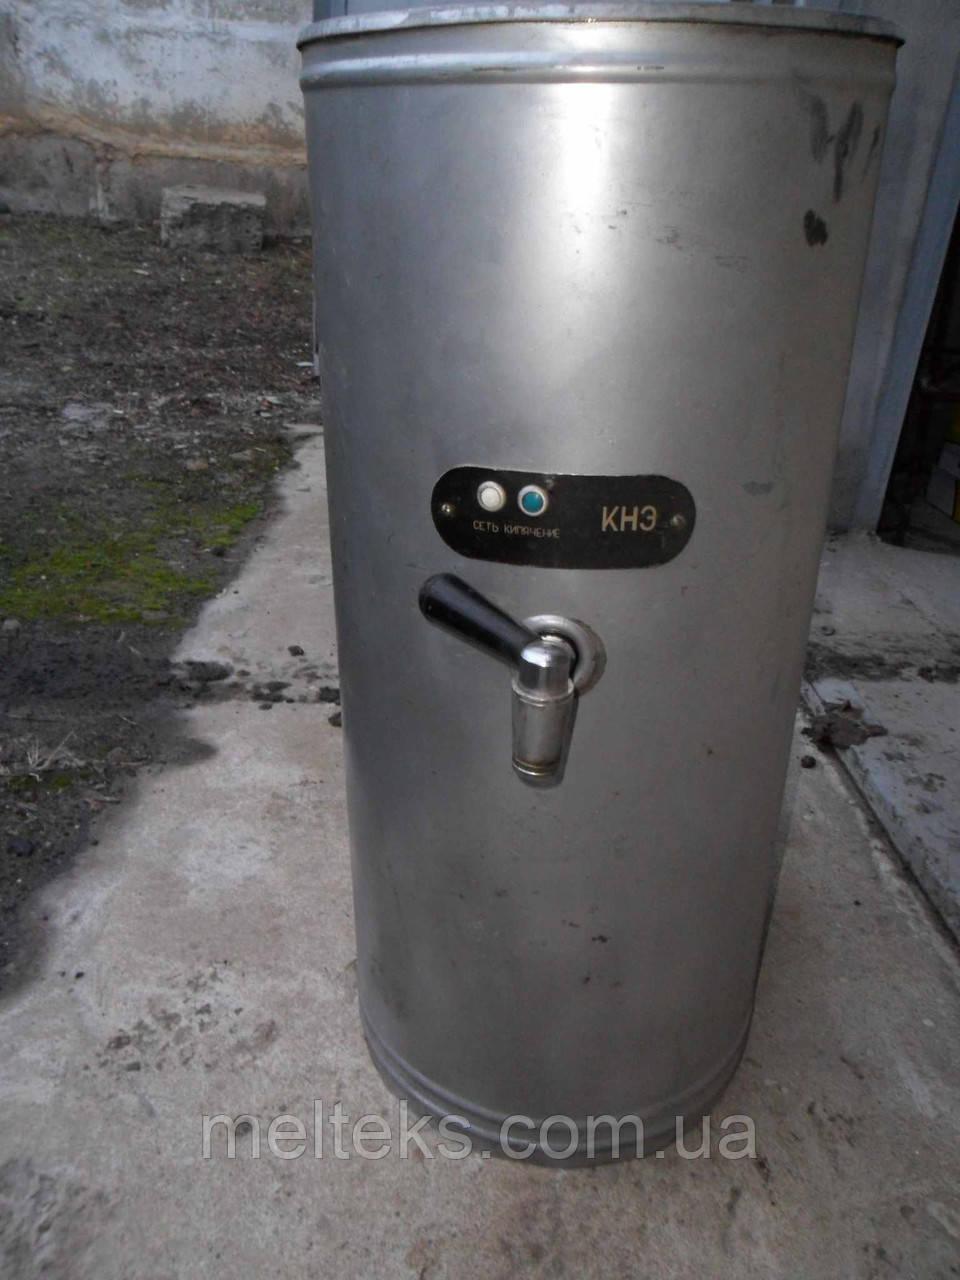 Кипятильник КНЭ-50 (КНЭ-50М) 6 кВт